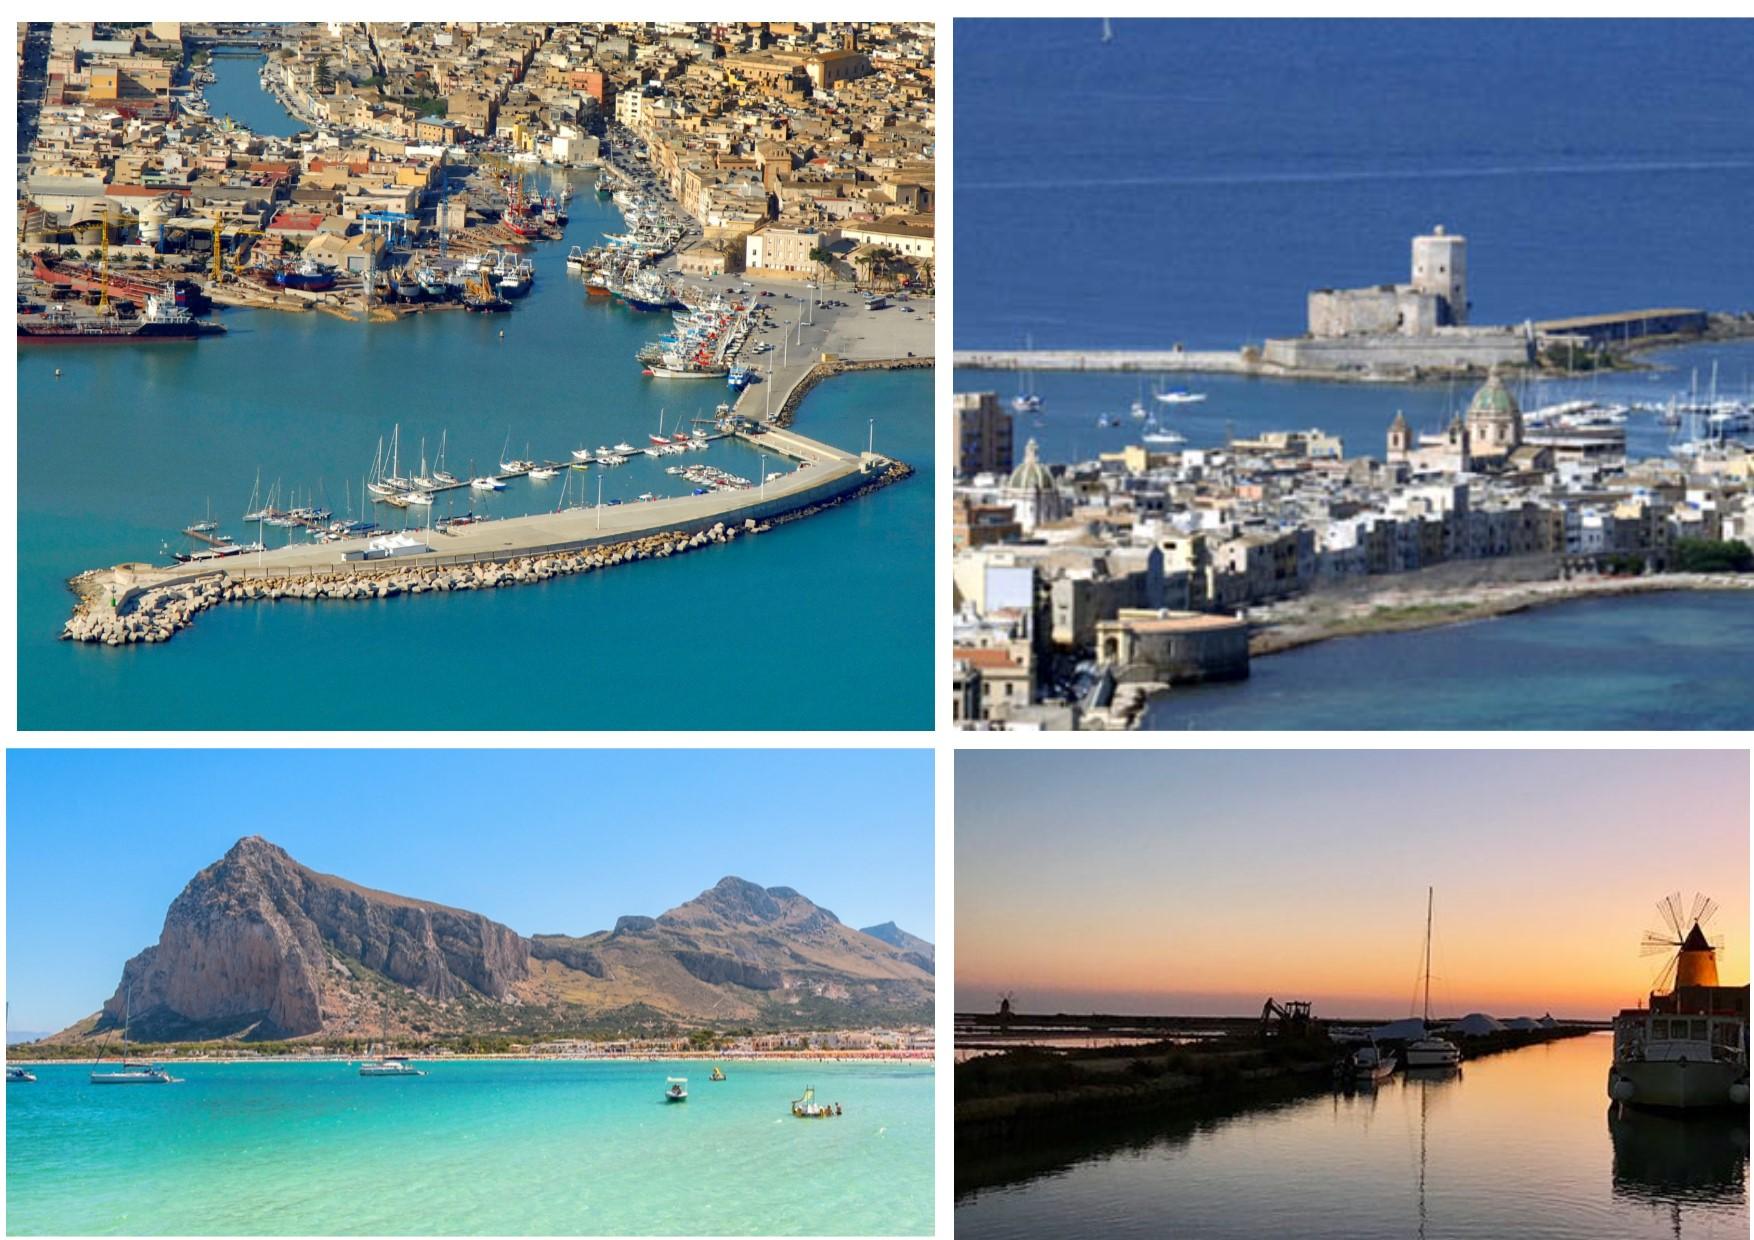 Carta di Navigare di Gerolamo Azurri #12: la costa occidentale della Sicilia, nel portolano della metà del 1500